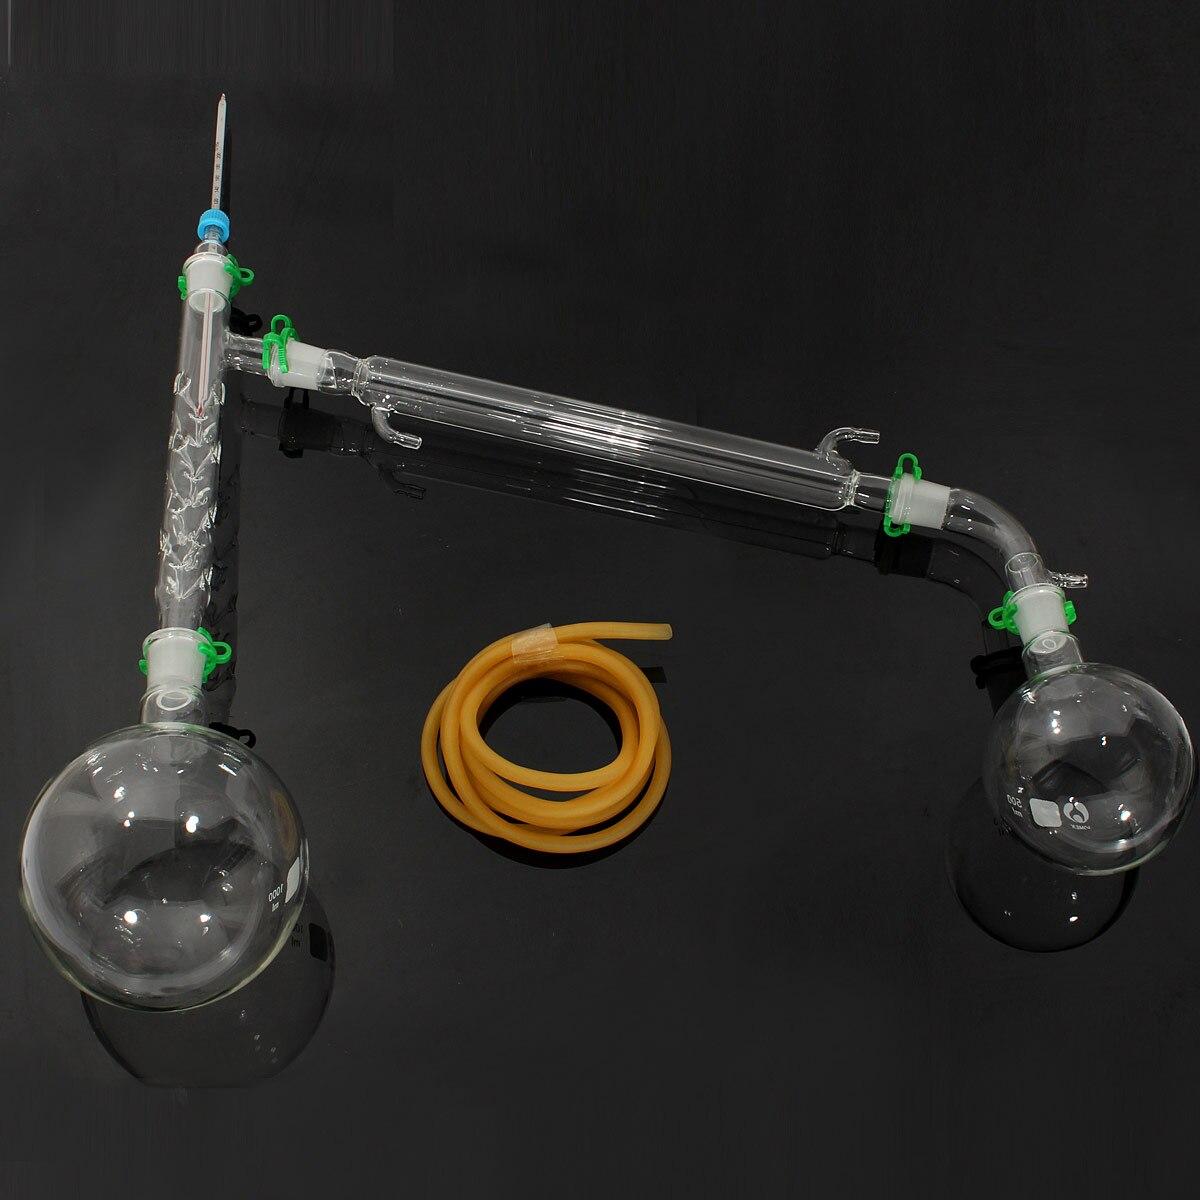 1000 ml laboratoire de chimie verre Distillation appareil de Distillation appareil de Distillation laboratoire chimie verrerie Kit ensemble 24/29